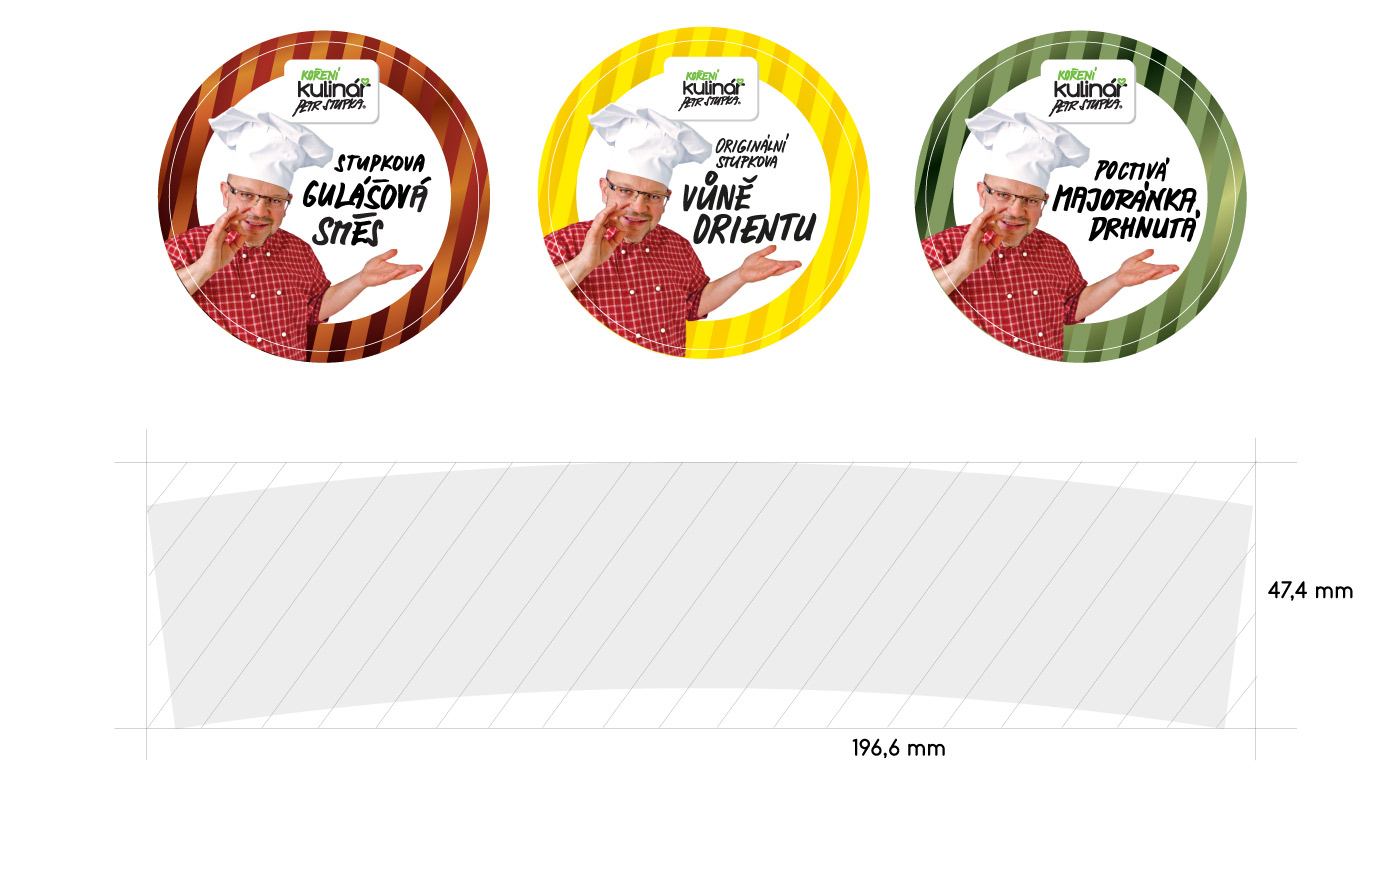 Labels circle - Kulinar Seasoning